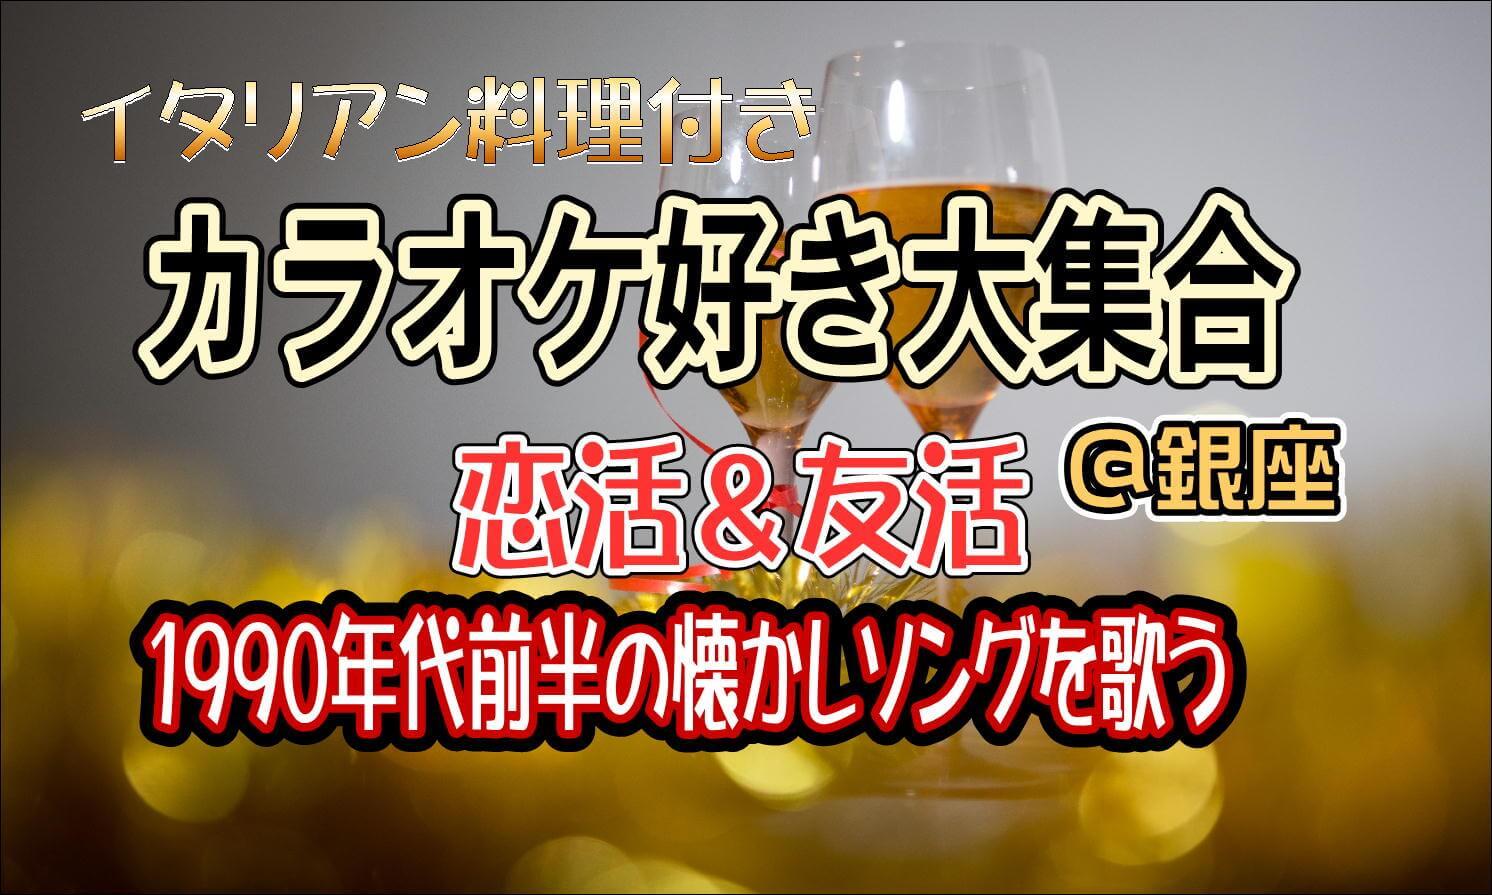 【銀座のプチ街コン】エスクロ・ジャパン株式会社主催 2016年11月15日